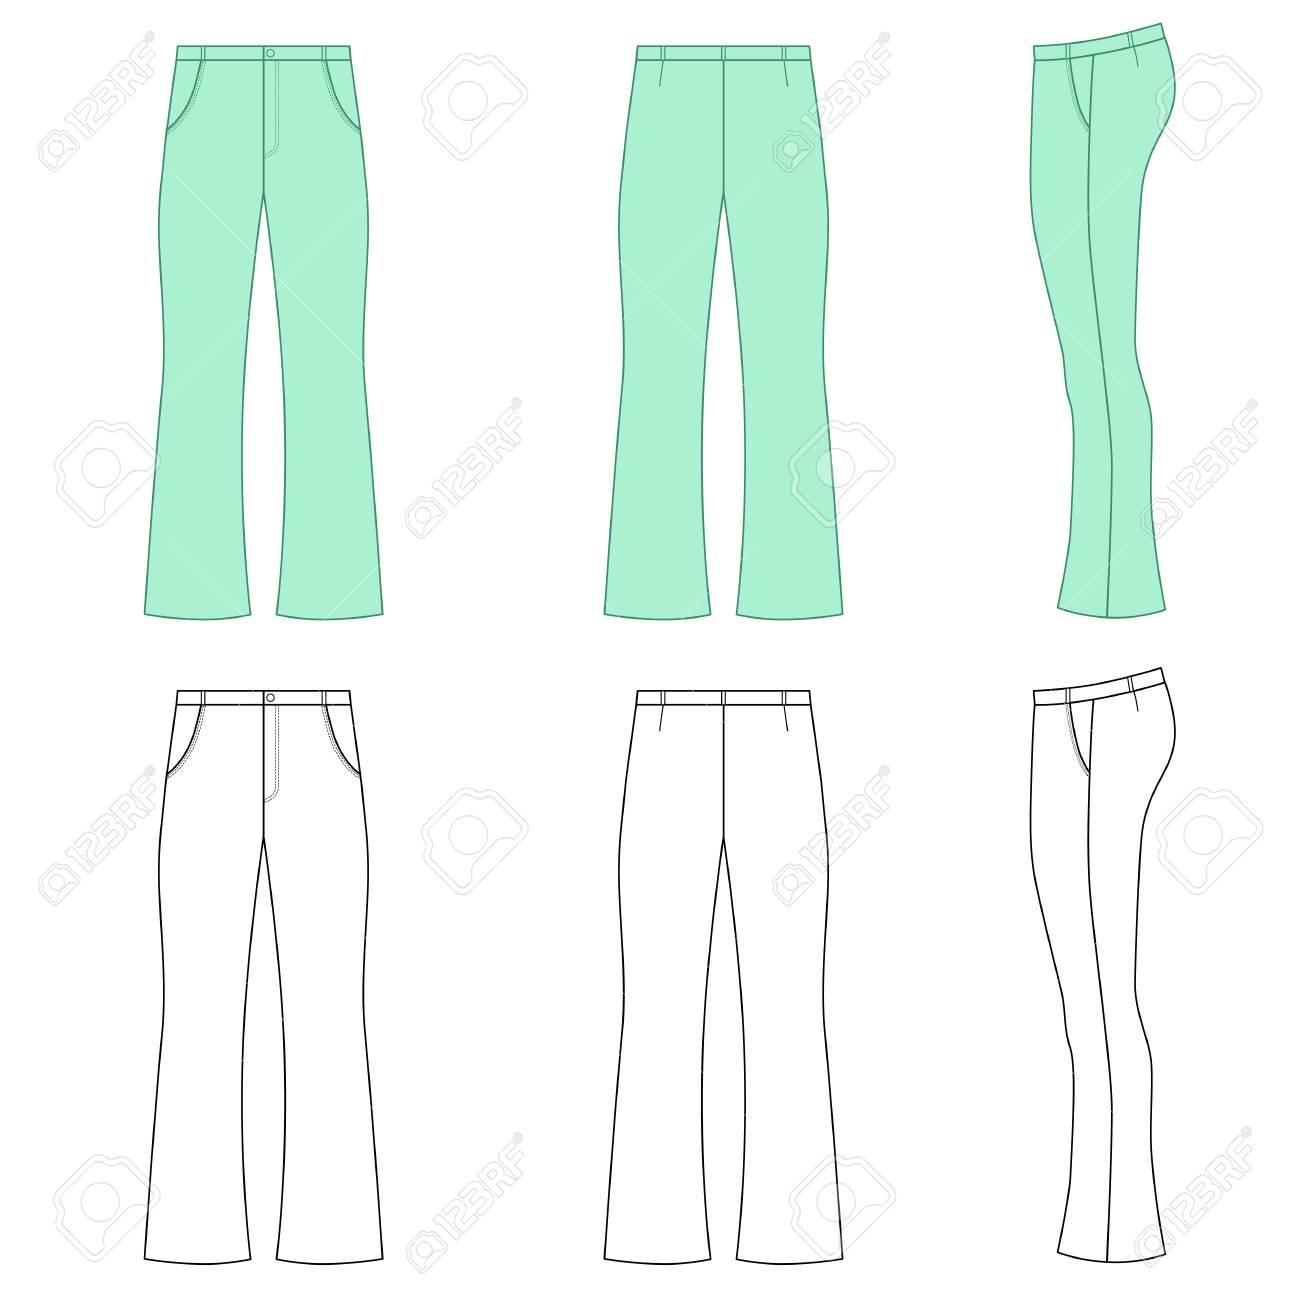 9572ca106 ... Hombre contorneó los pantalones flare flacos de la plantilla (vista  delantera, lateral y posterior), ilustración del vector aislada en el fondo  blanco